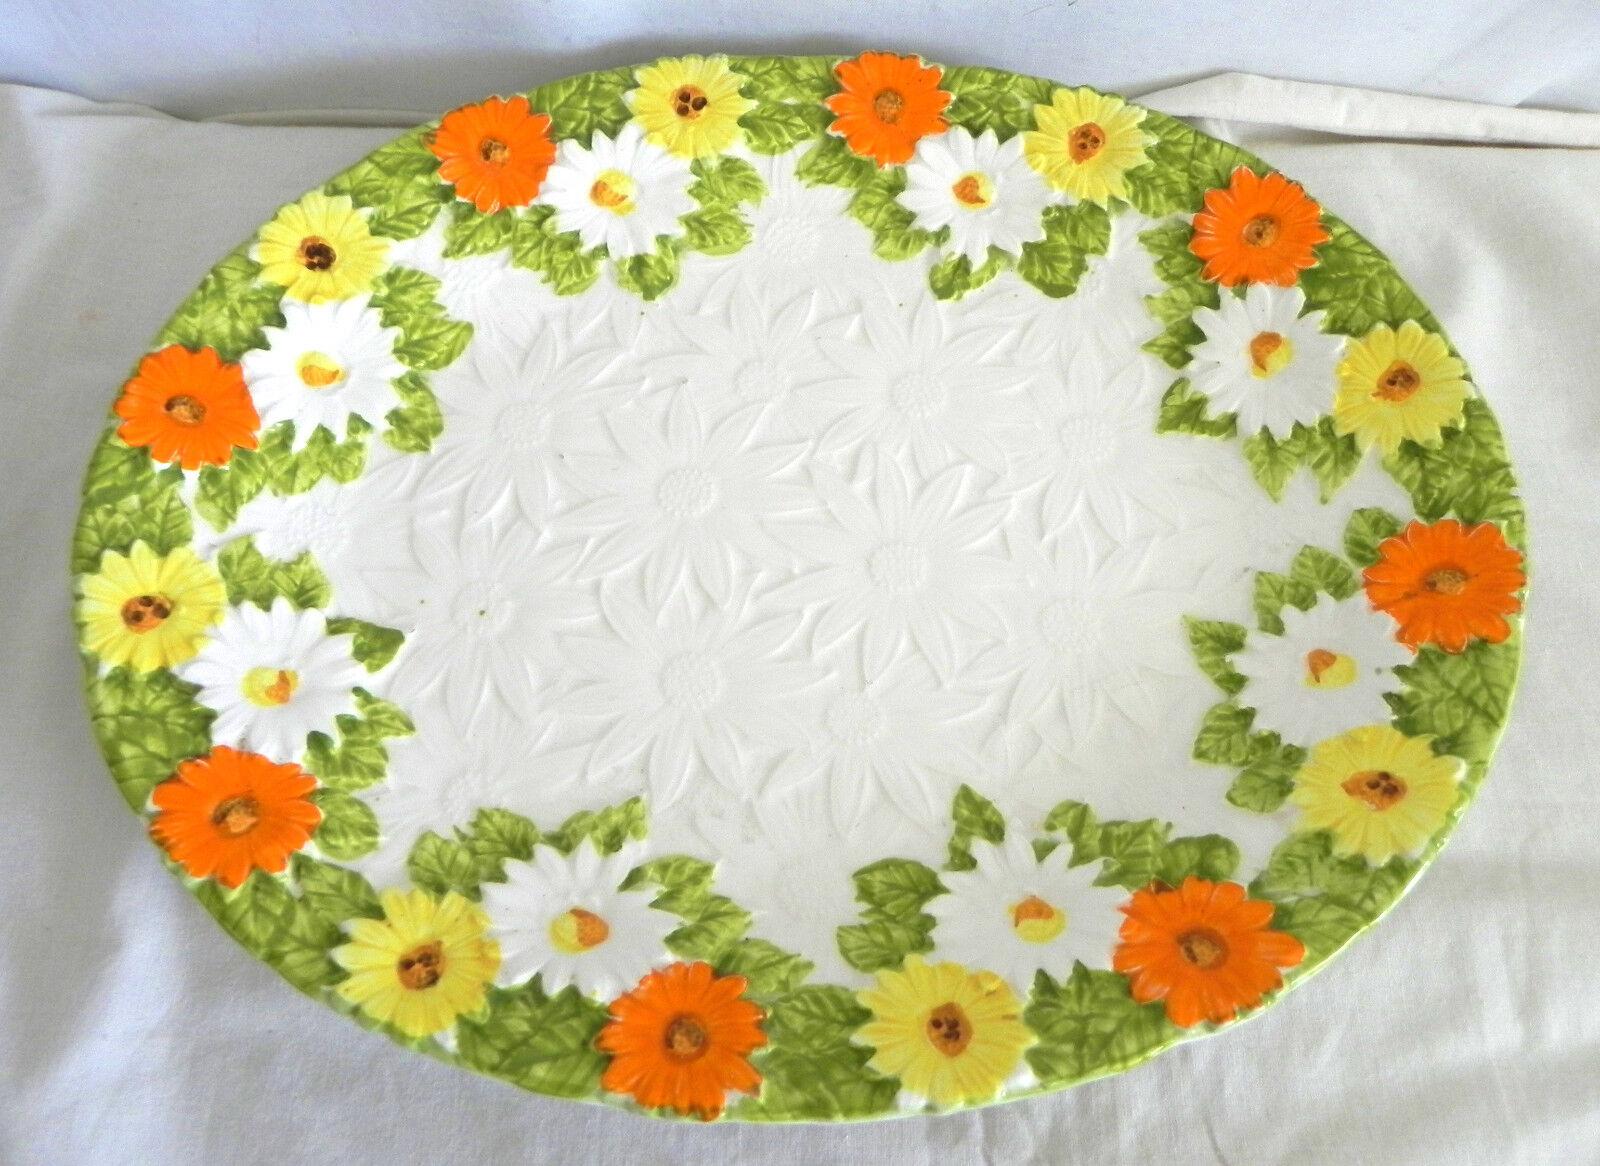 Vtg Lefton Platter Floral Ceramic Made in Japan Size 14.25 x12